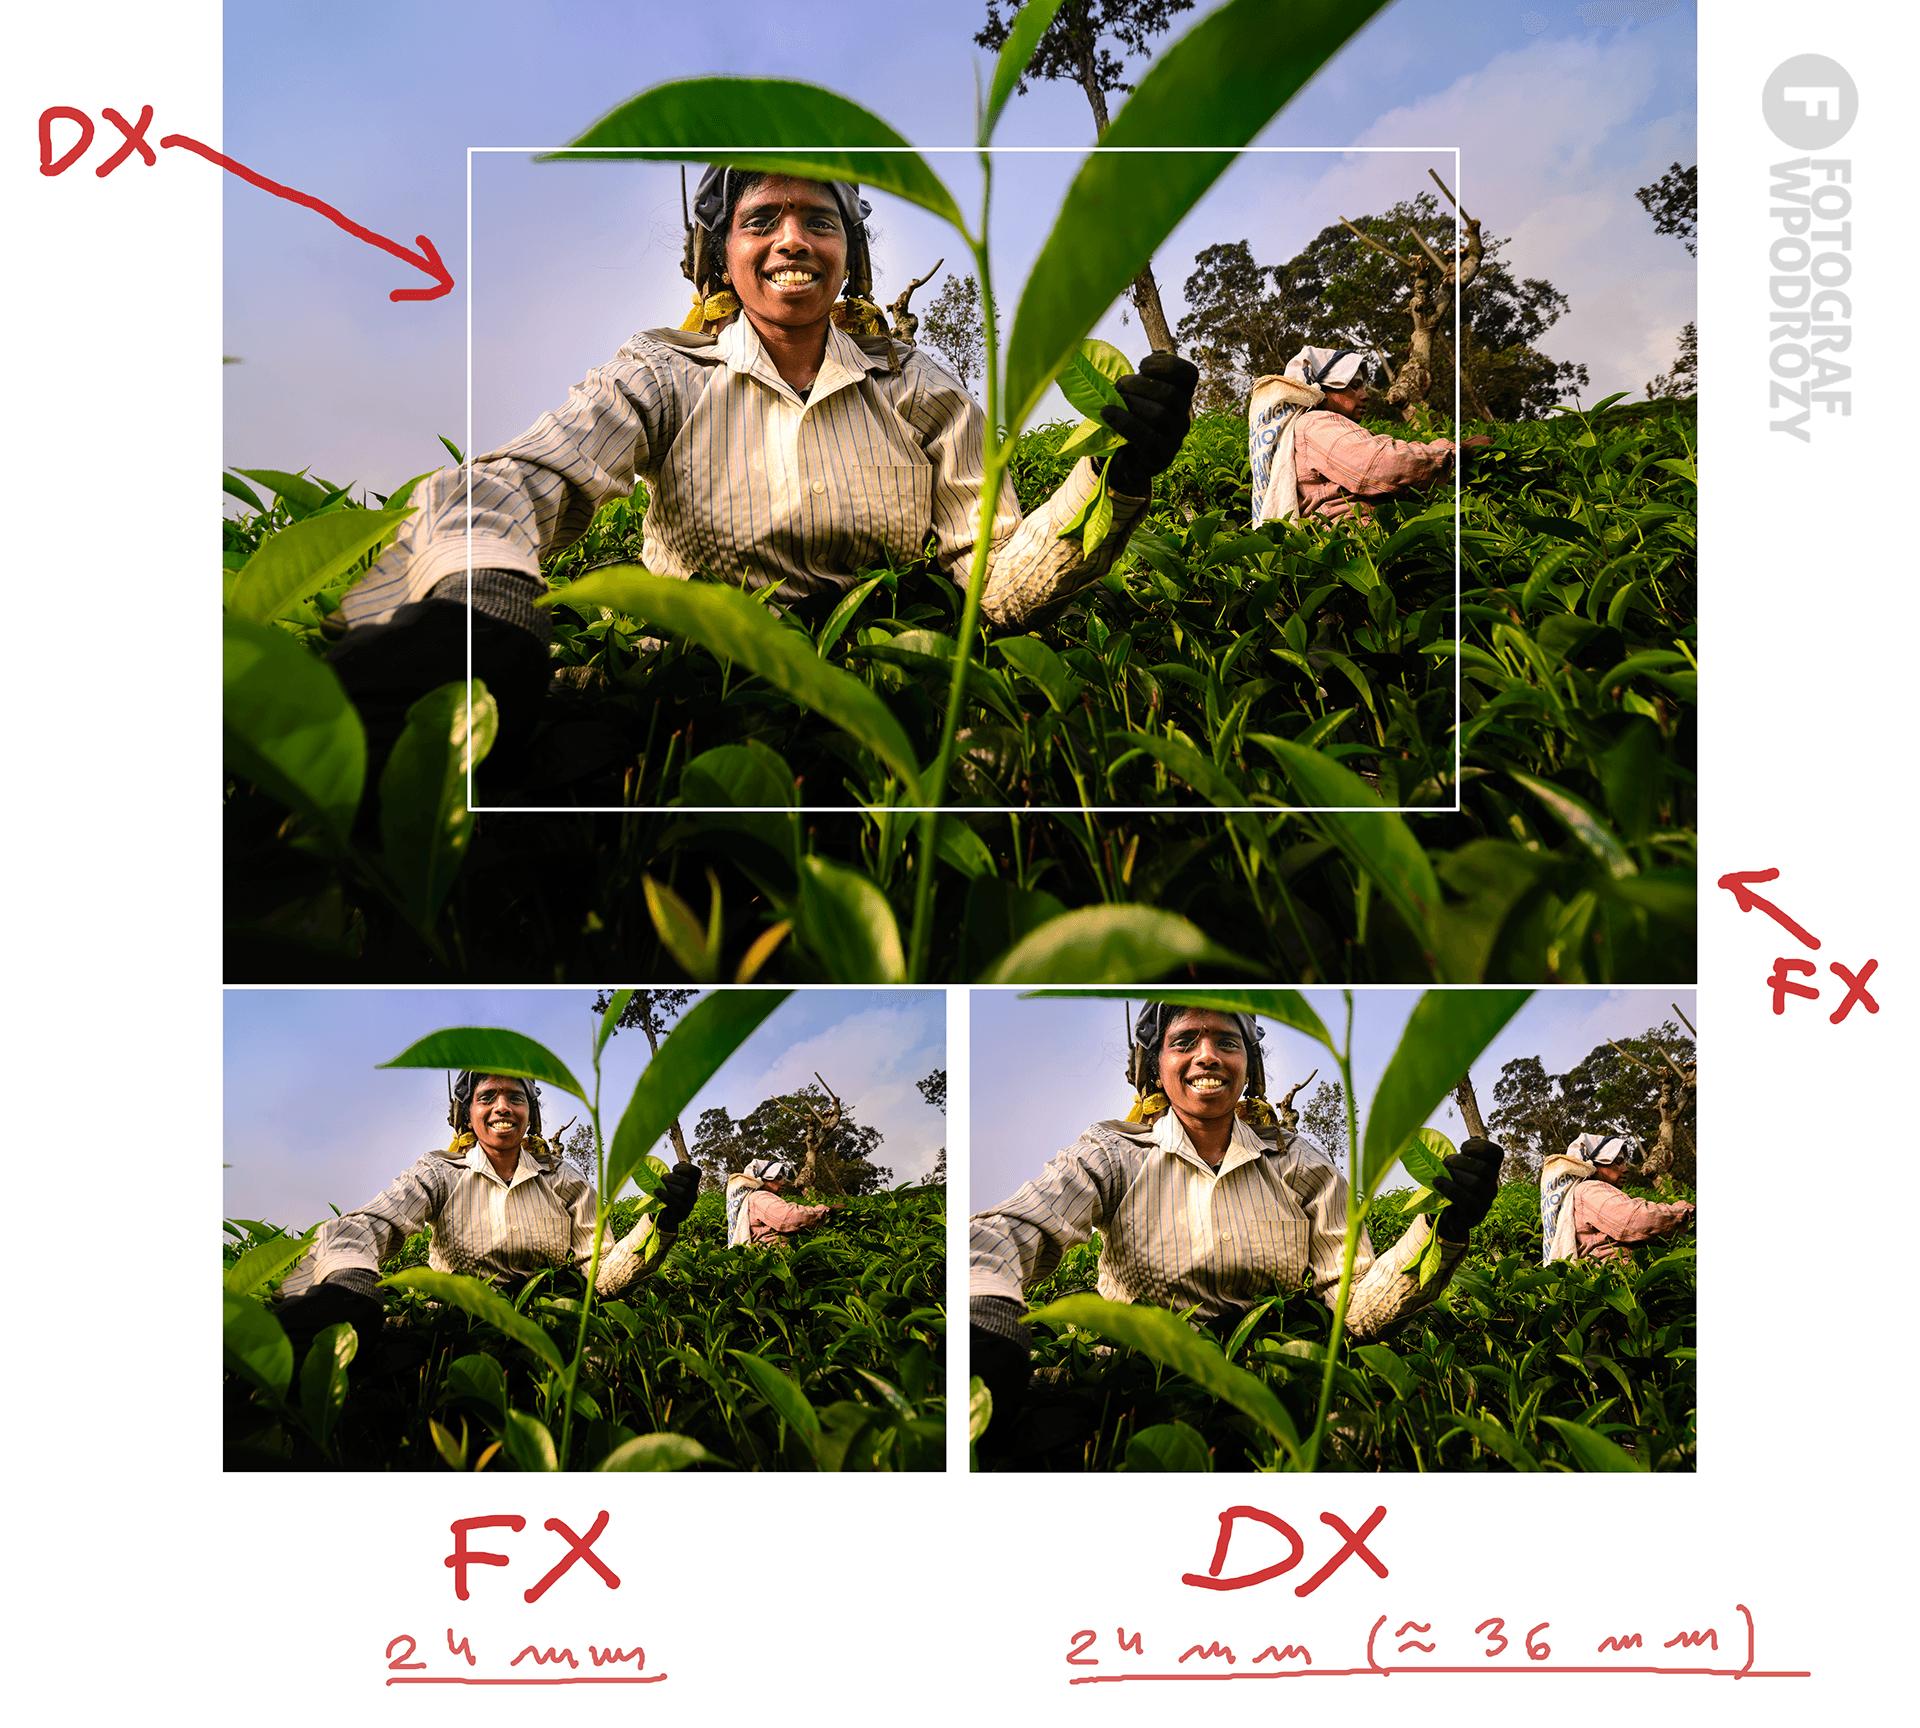 FX-DX-wielkosc-matrycy